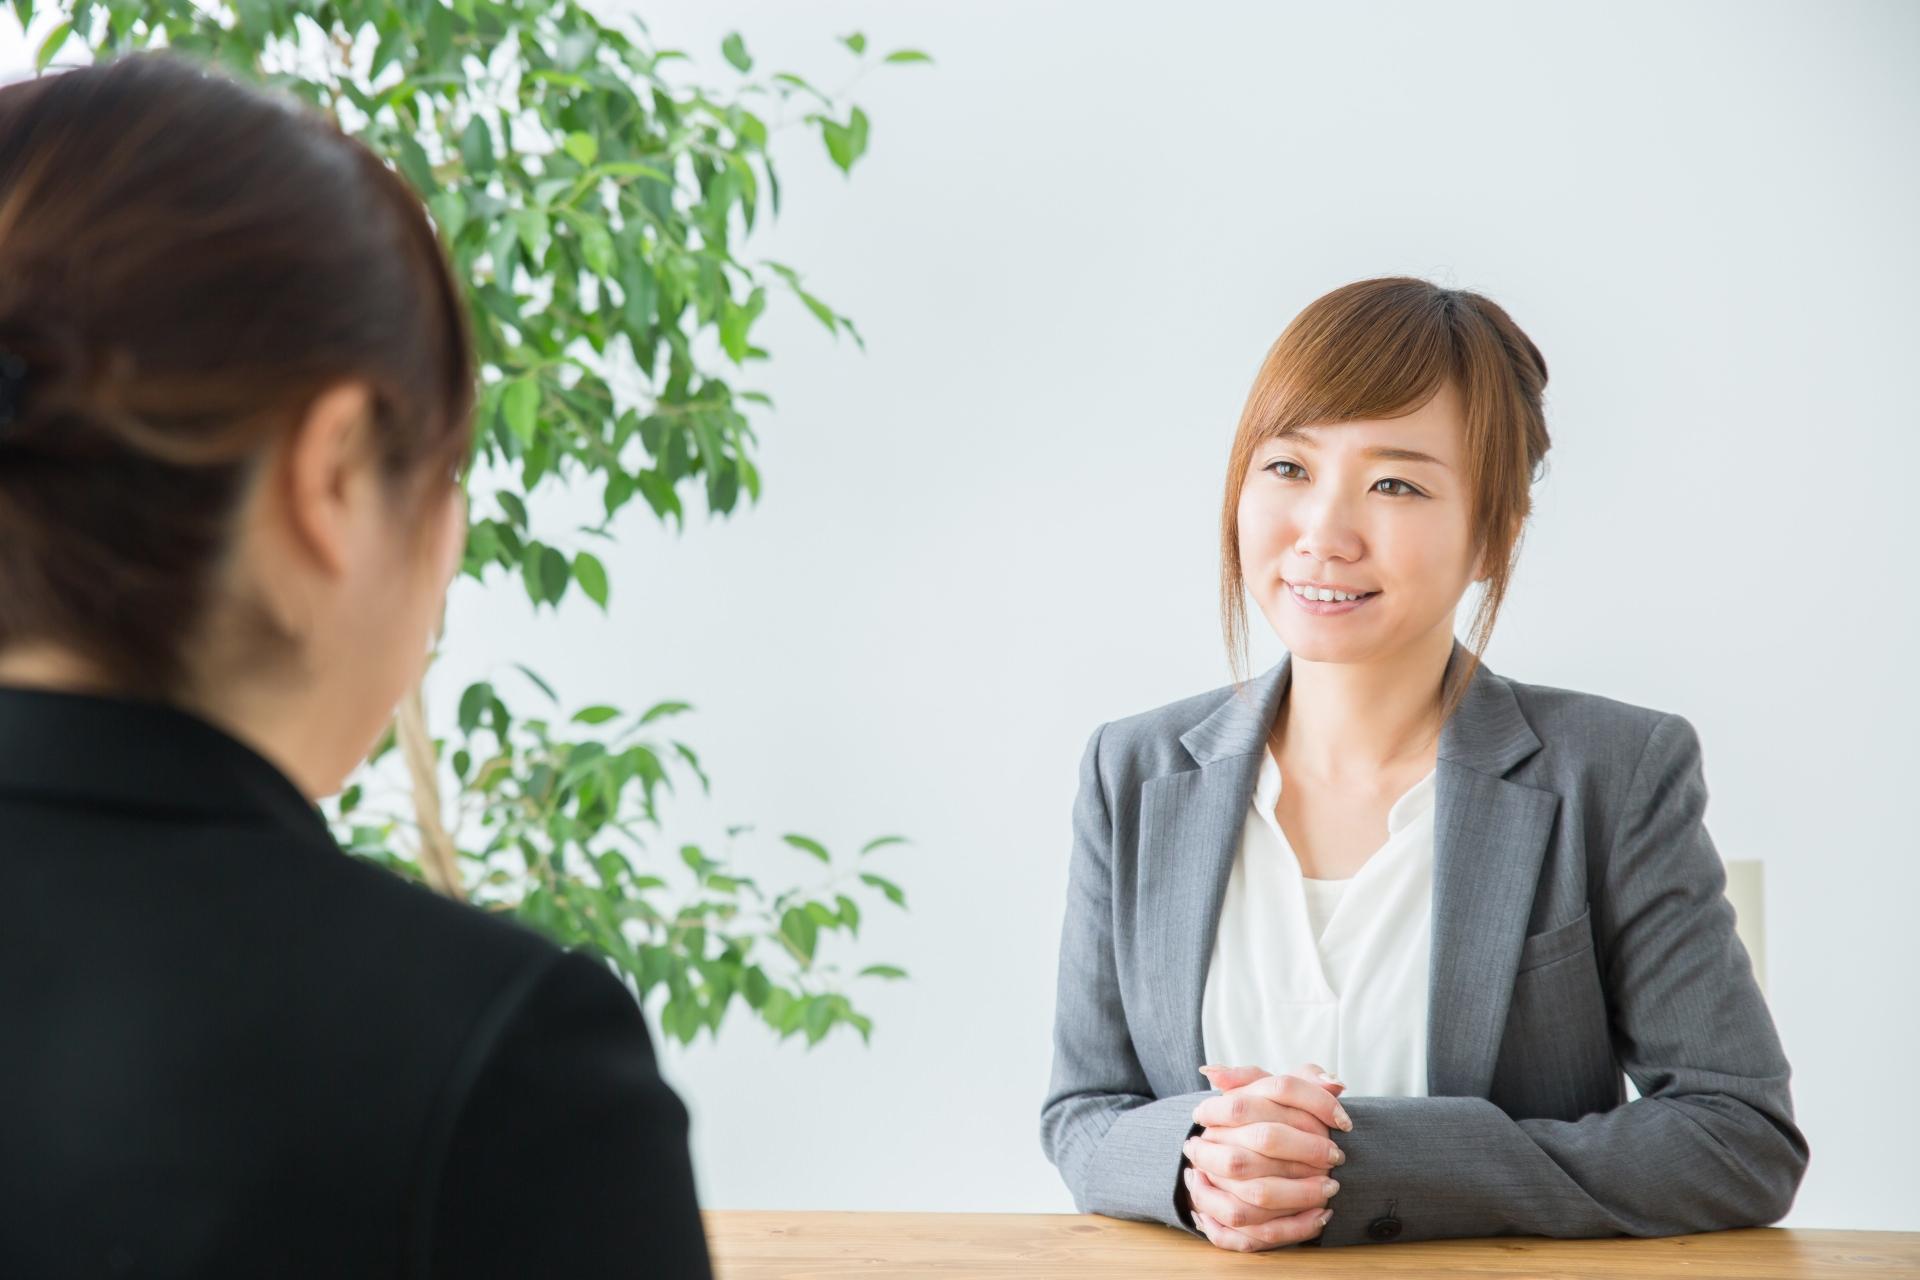 コールセンターの求人面接で、長所と短所を良い印象で伝える方法とは